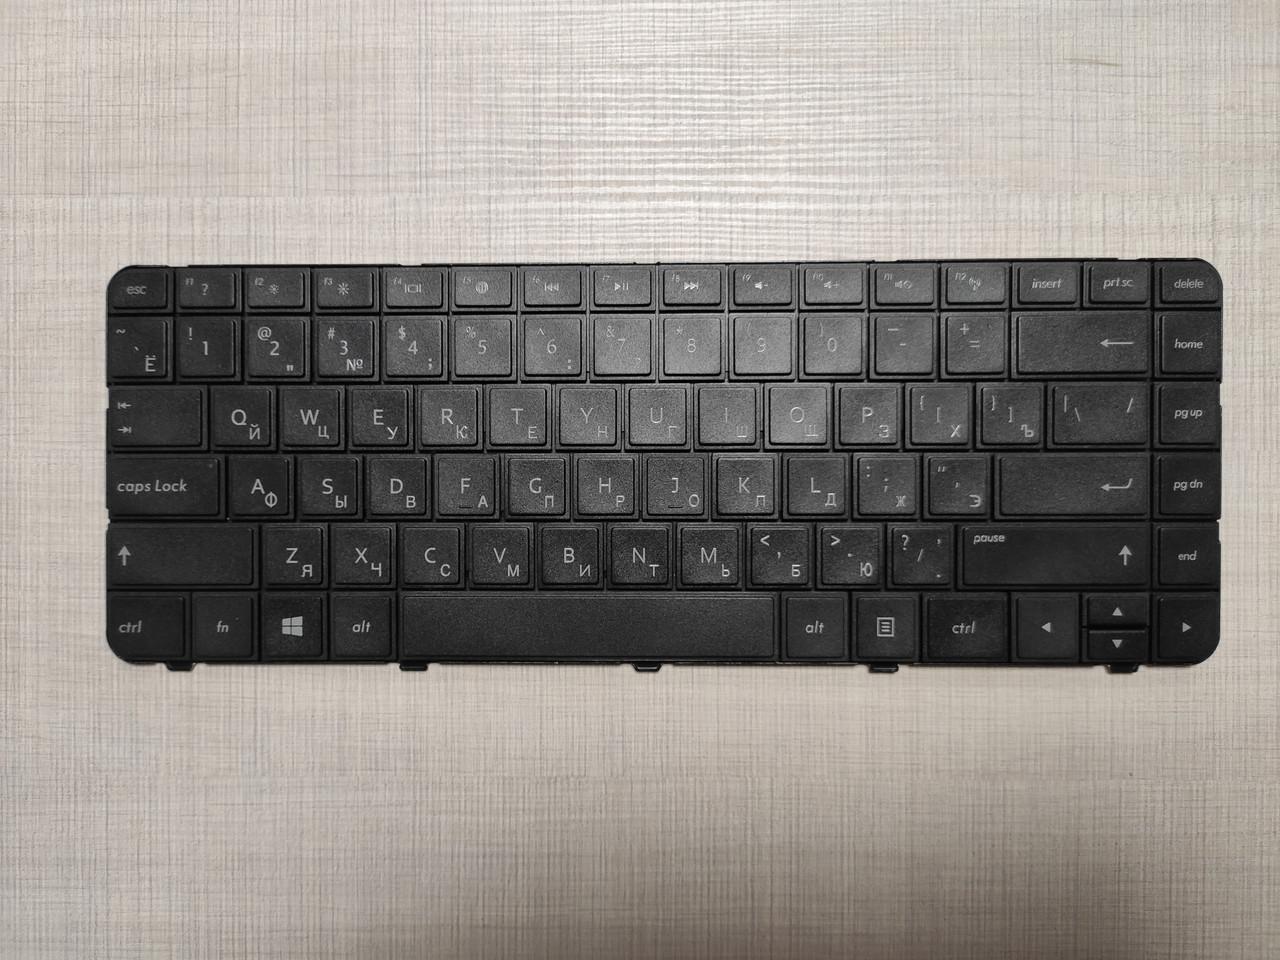 Клавиатура HP 430, 431, 630, 635, 640, 650, 655, CQ43, CQ57, CQ58, G4-1000, G6-1000